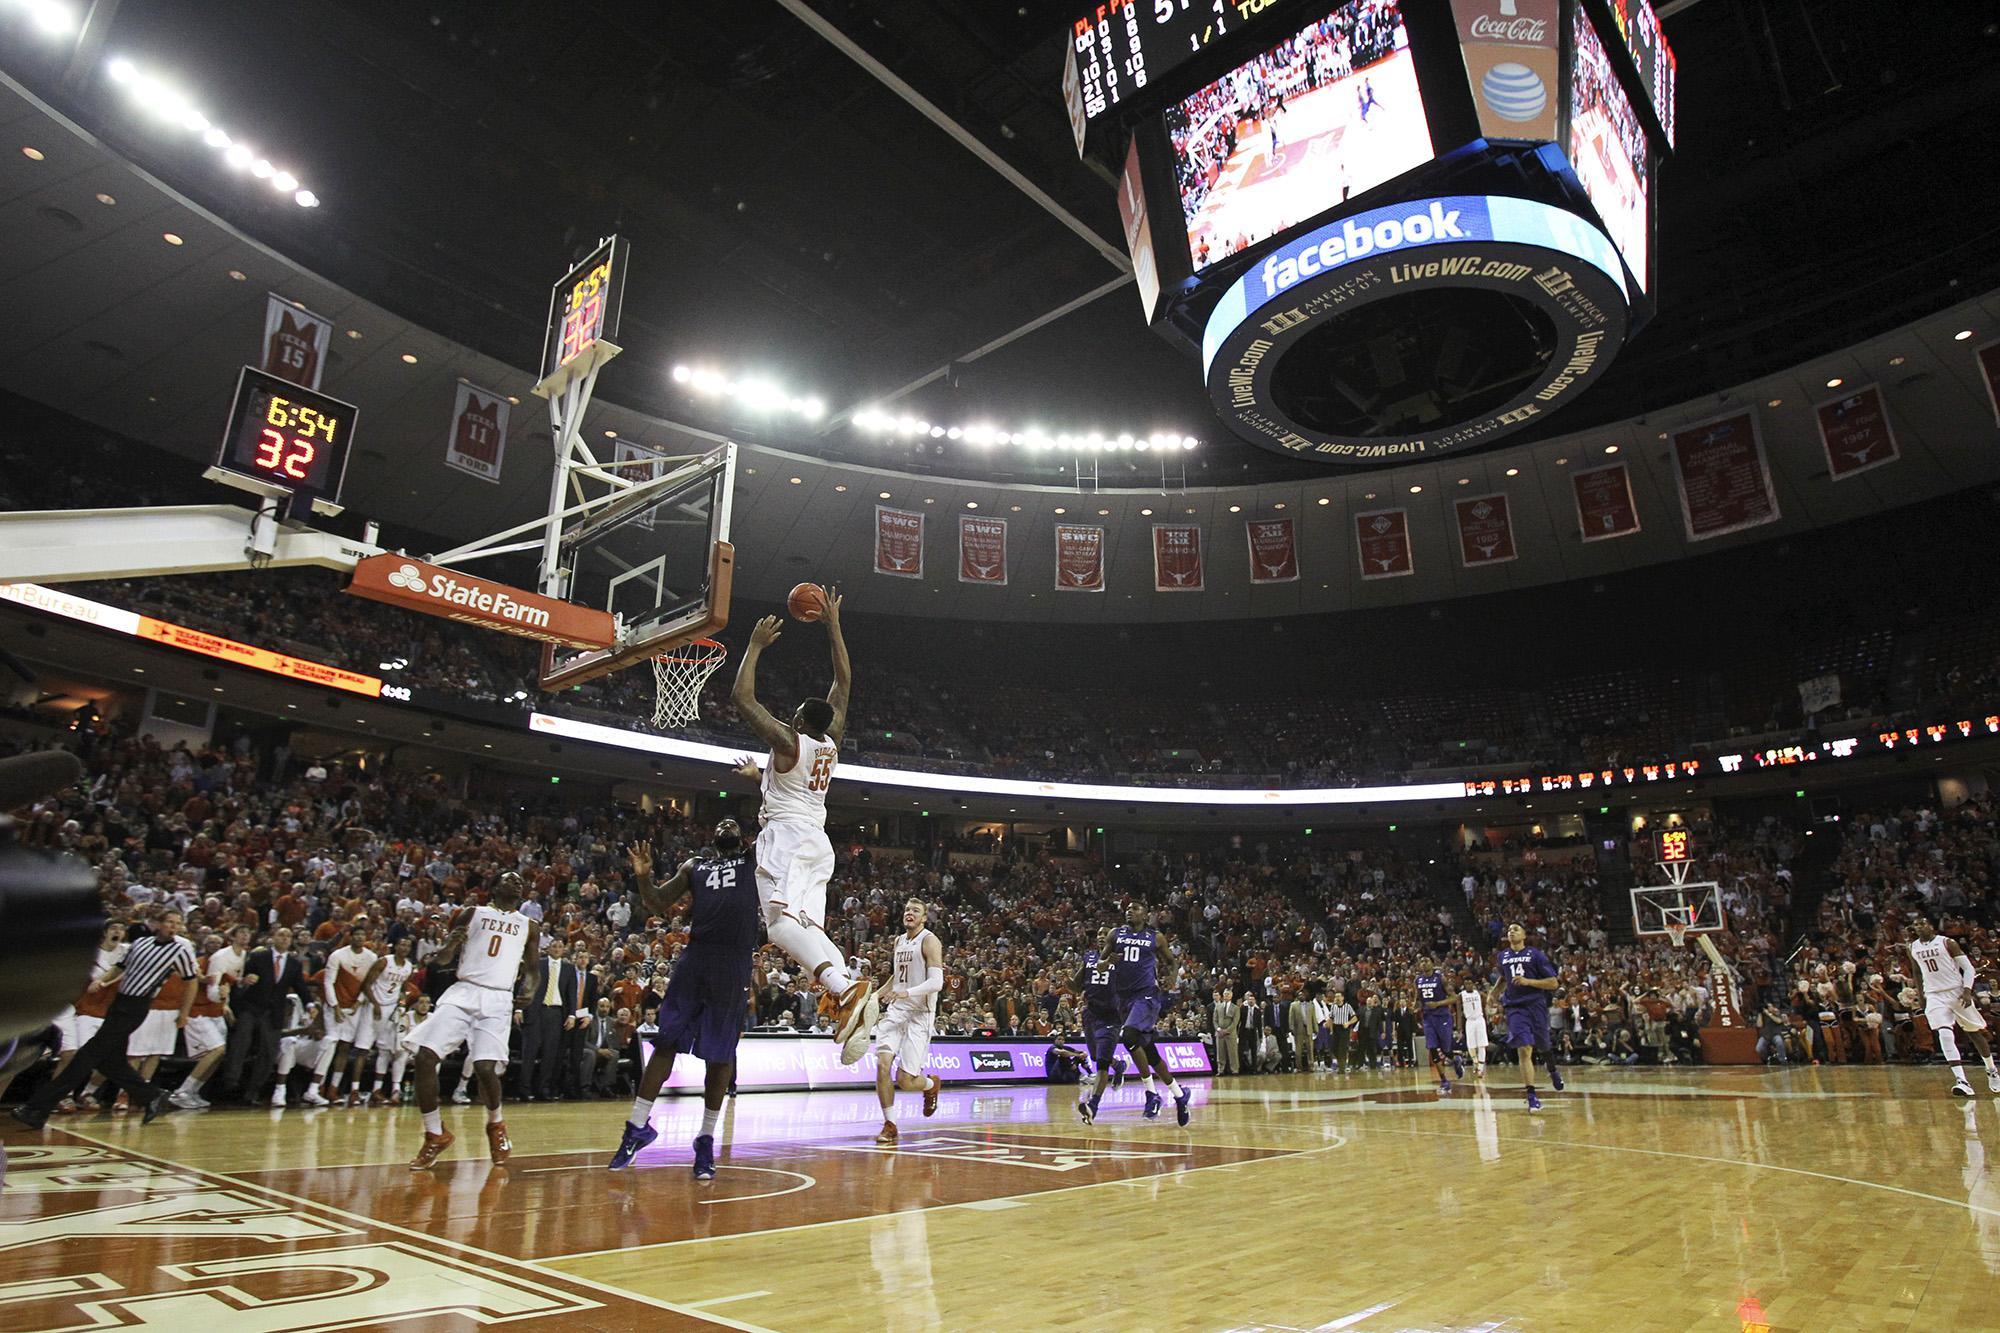 So Long Erwin Center Texas Expects New Basketball Arena